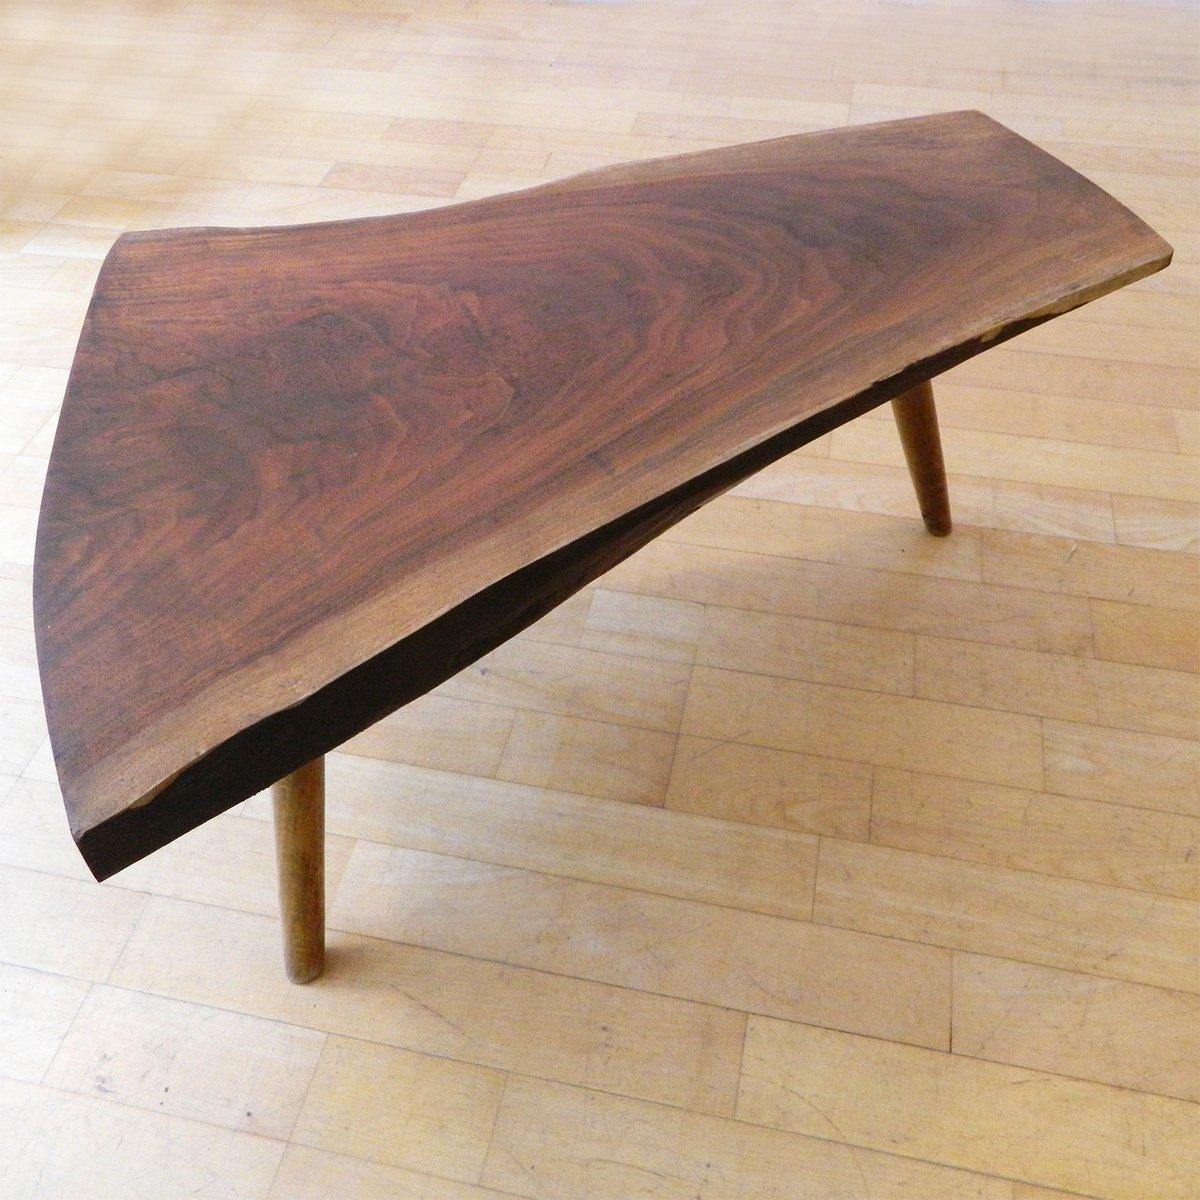 wiener baumstamm beistelltisch 1950er bei pamono kaufen. Black Bedroom Furniture Sets. Home Design Ideas